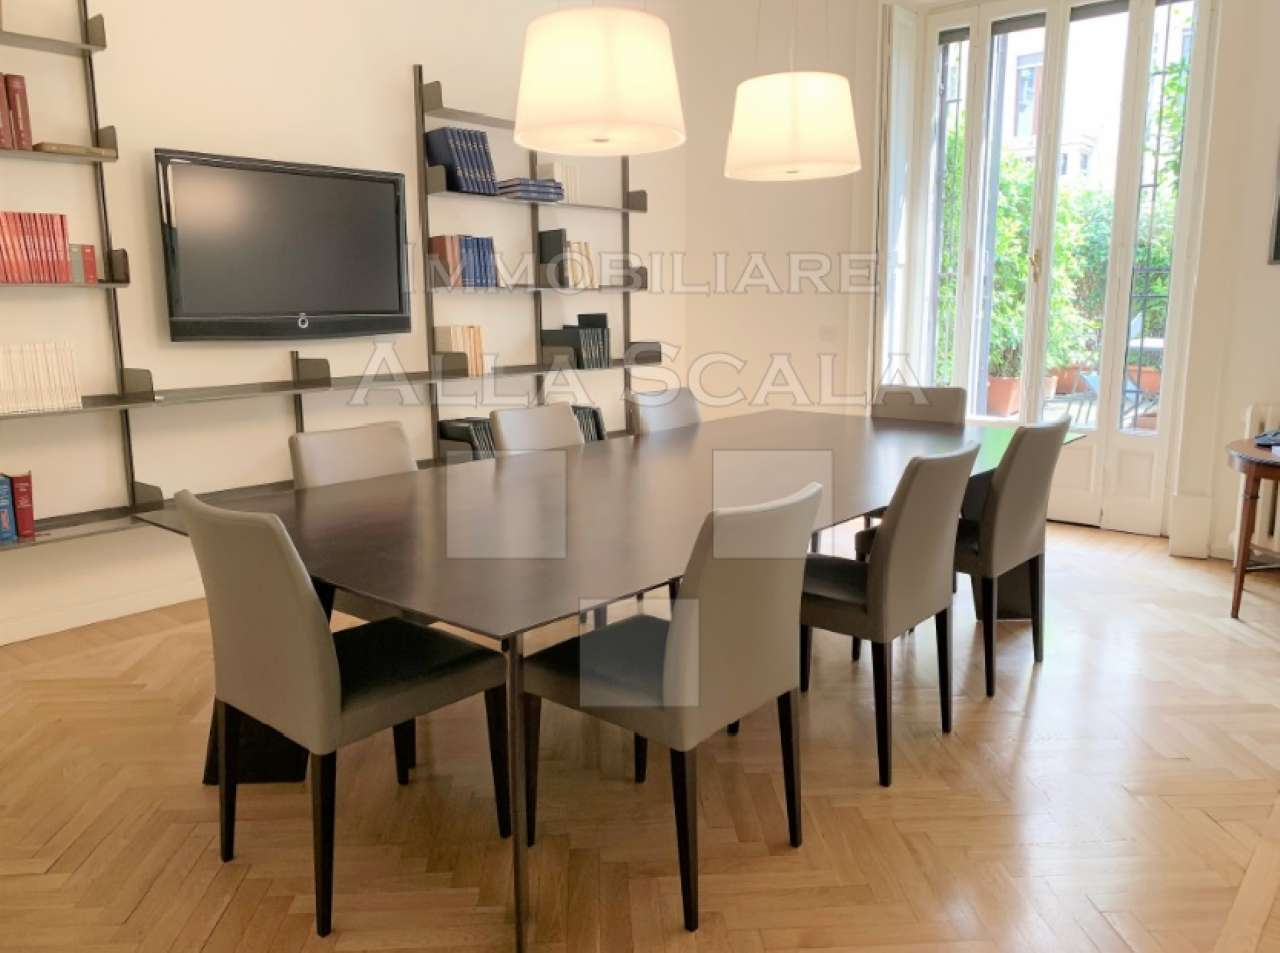 Ufficio-studio in Affitto a Milano 01 Centro storico (Cerchia dei Navigli): 5 locali, 235 mq